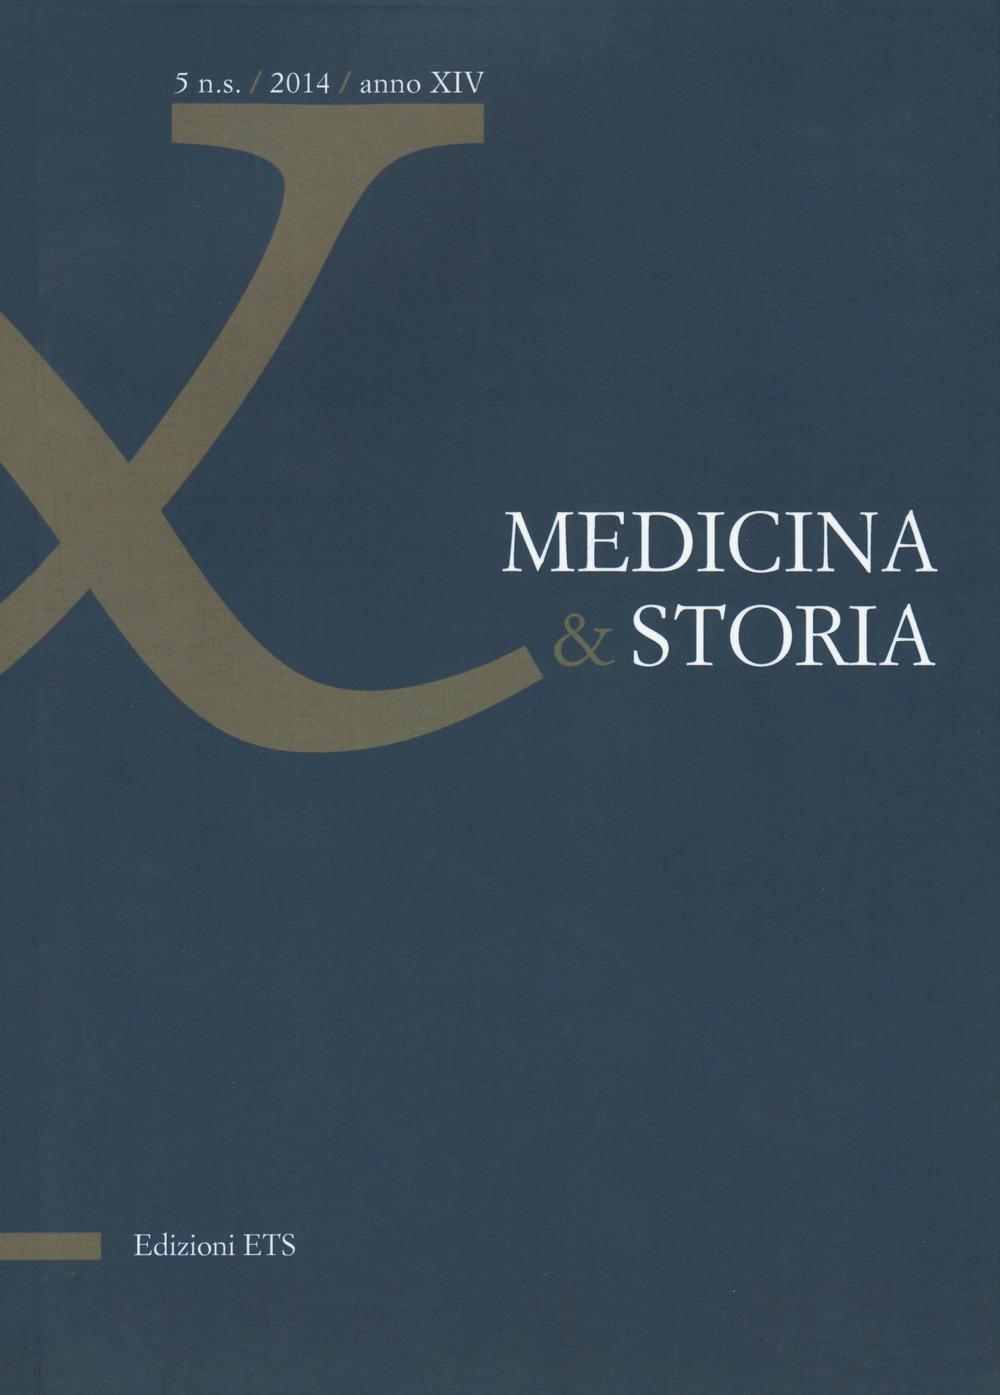 Medicna & Storia. Anno XIV. Vol. 5. 2014.